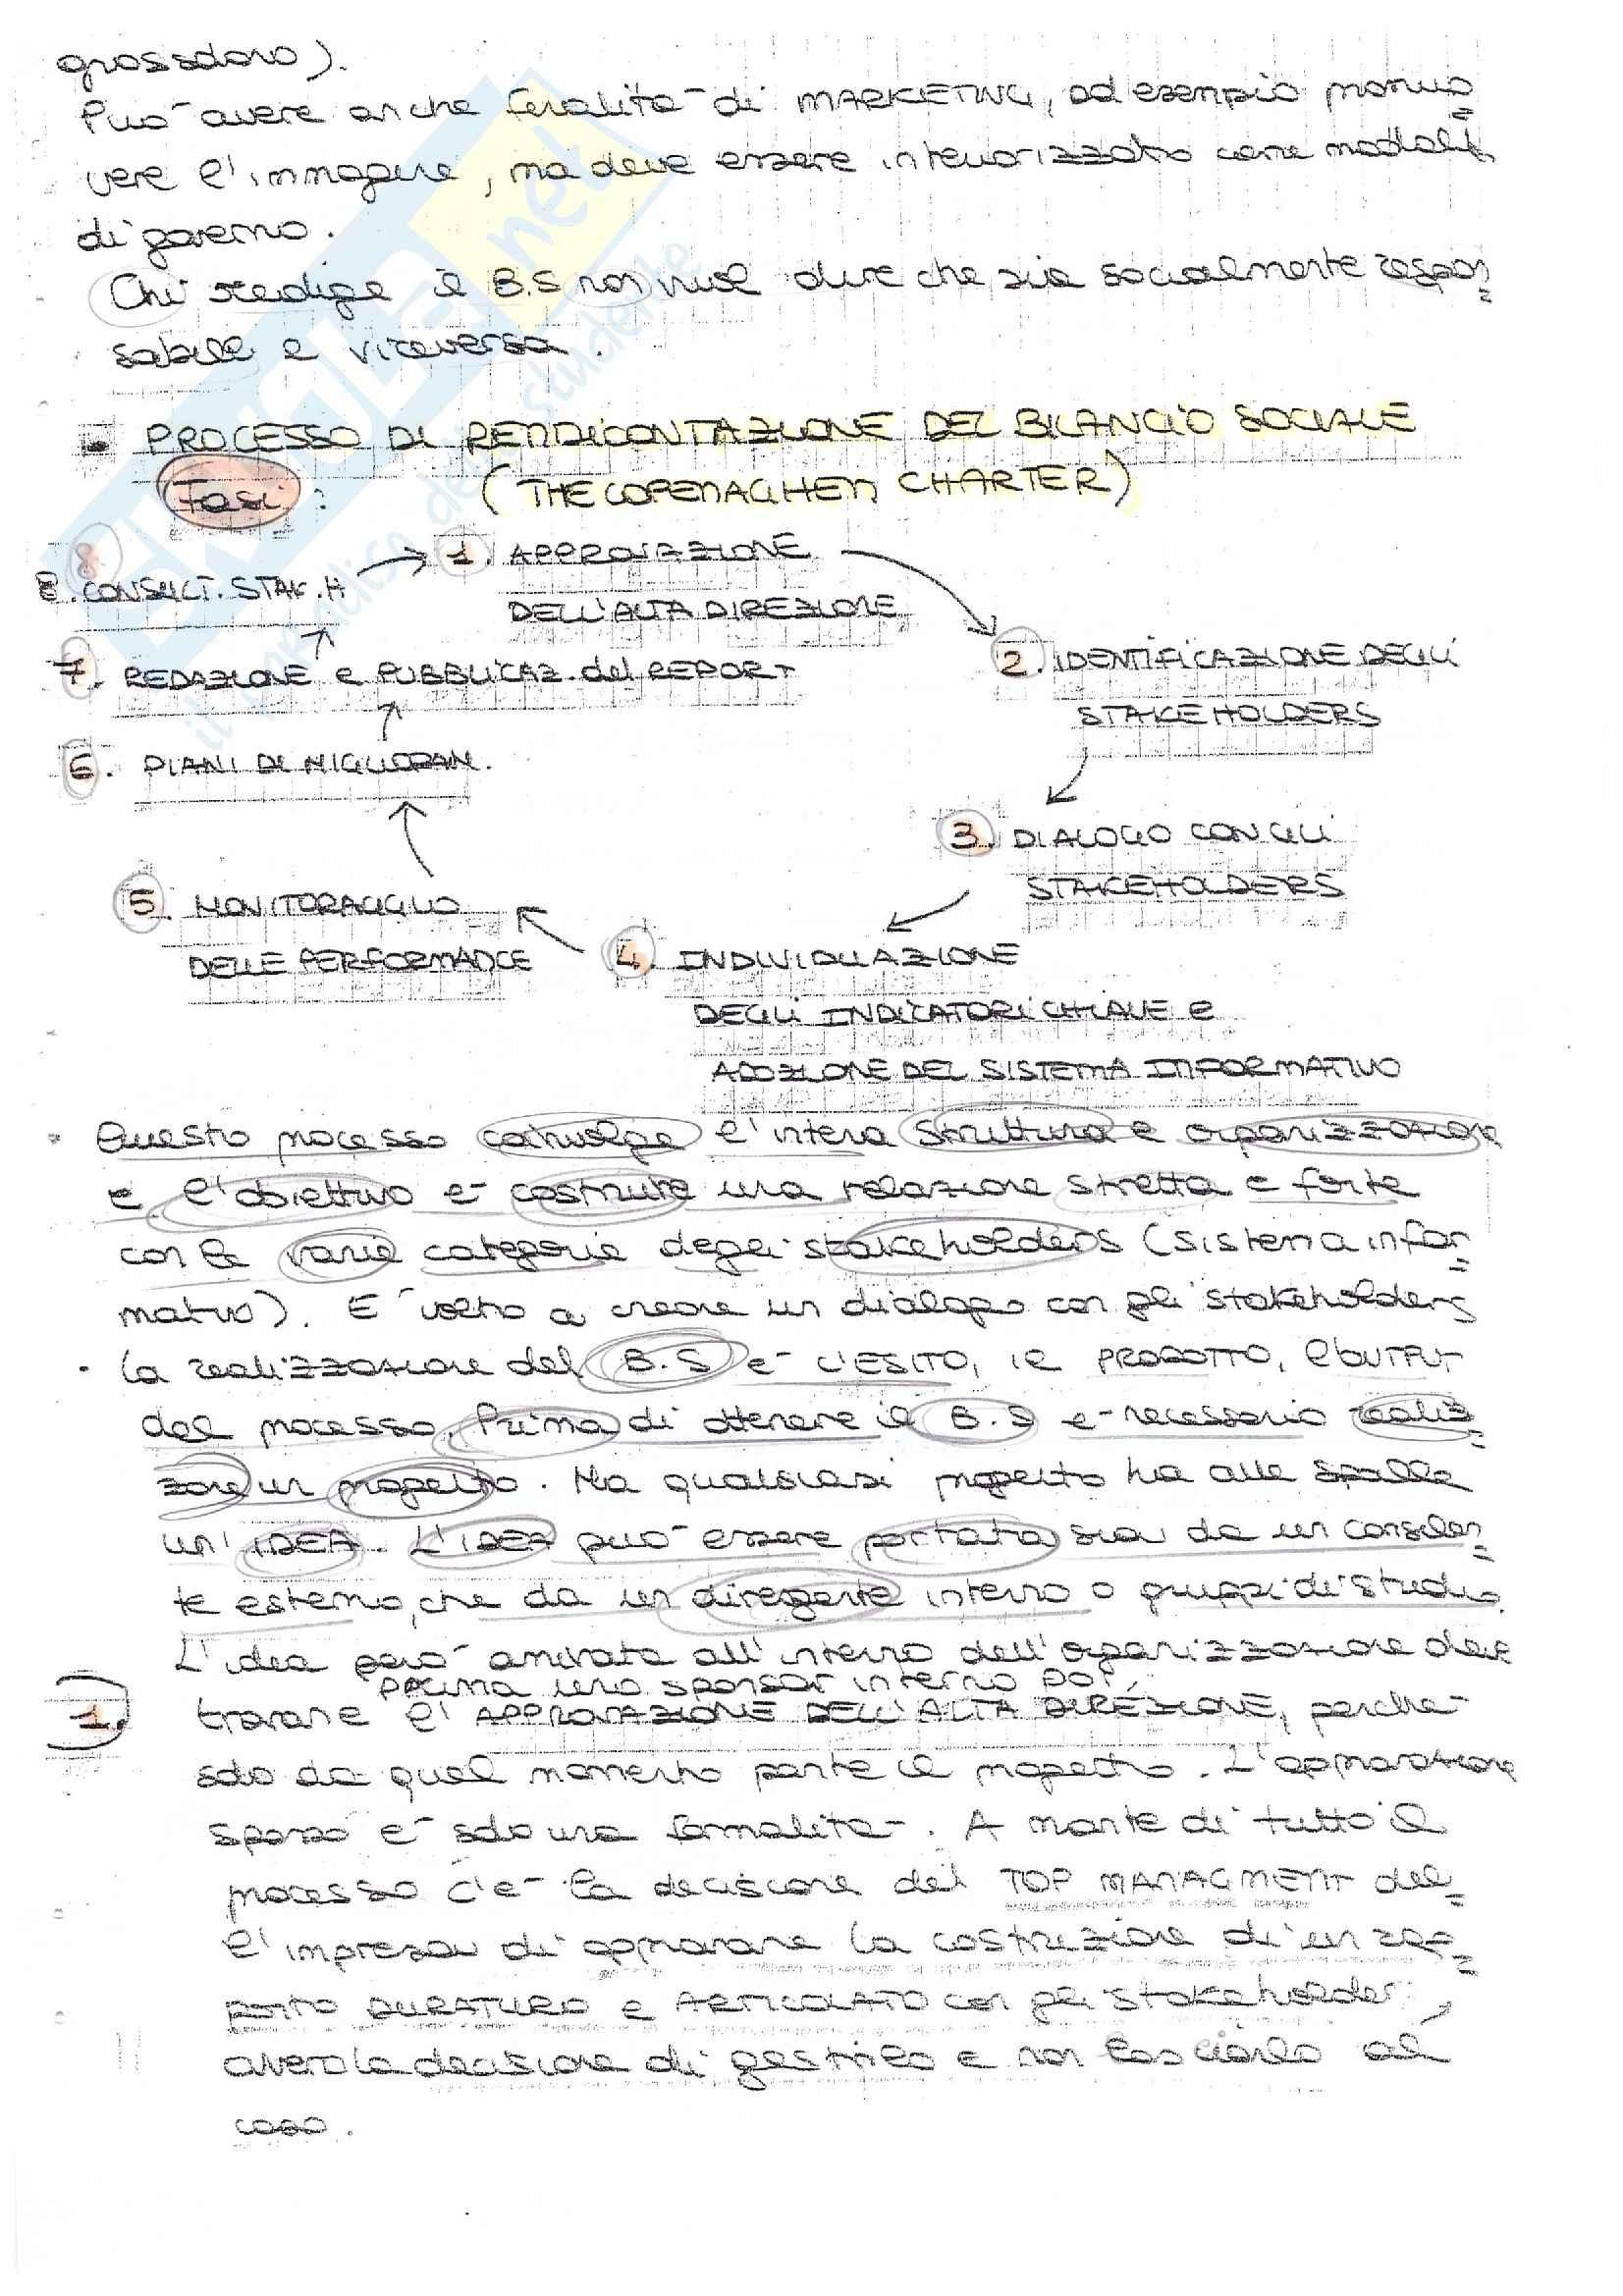 Bilancio Sociale - Appunti e Soluzioni Pag. 6